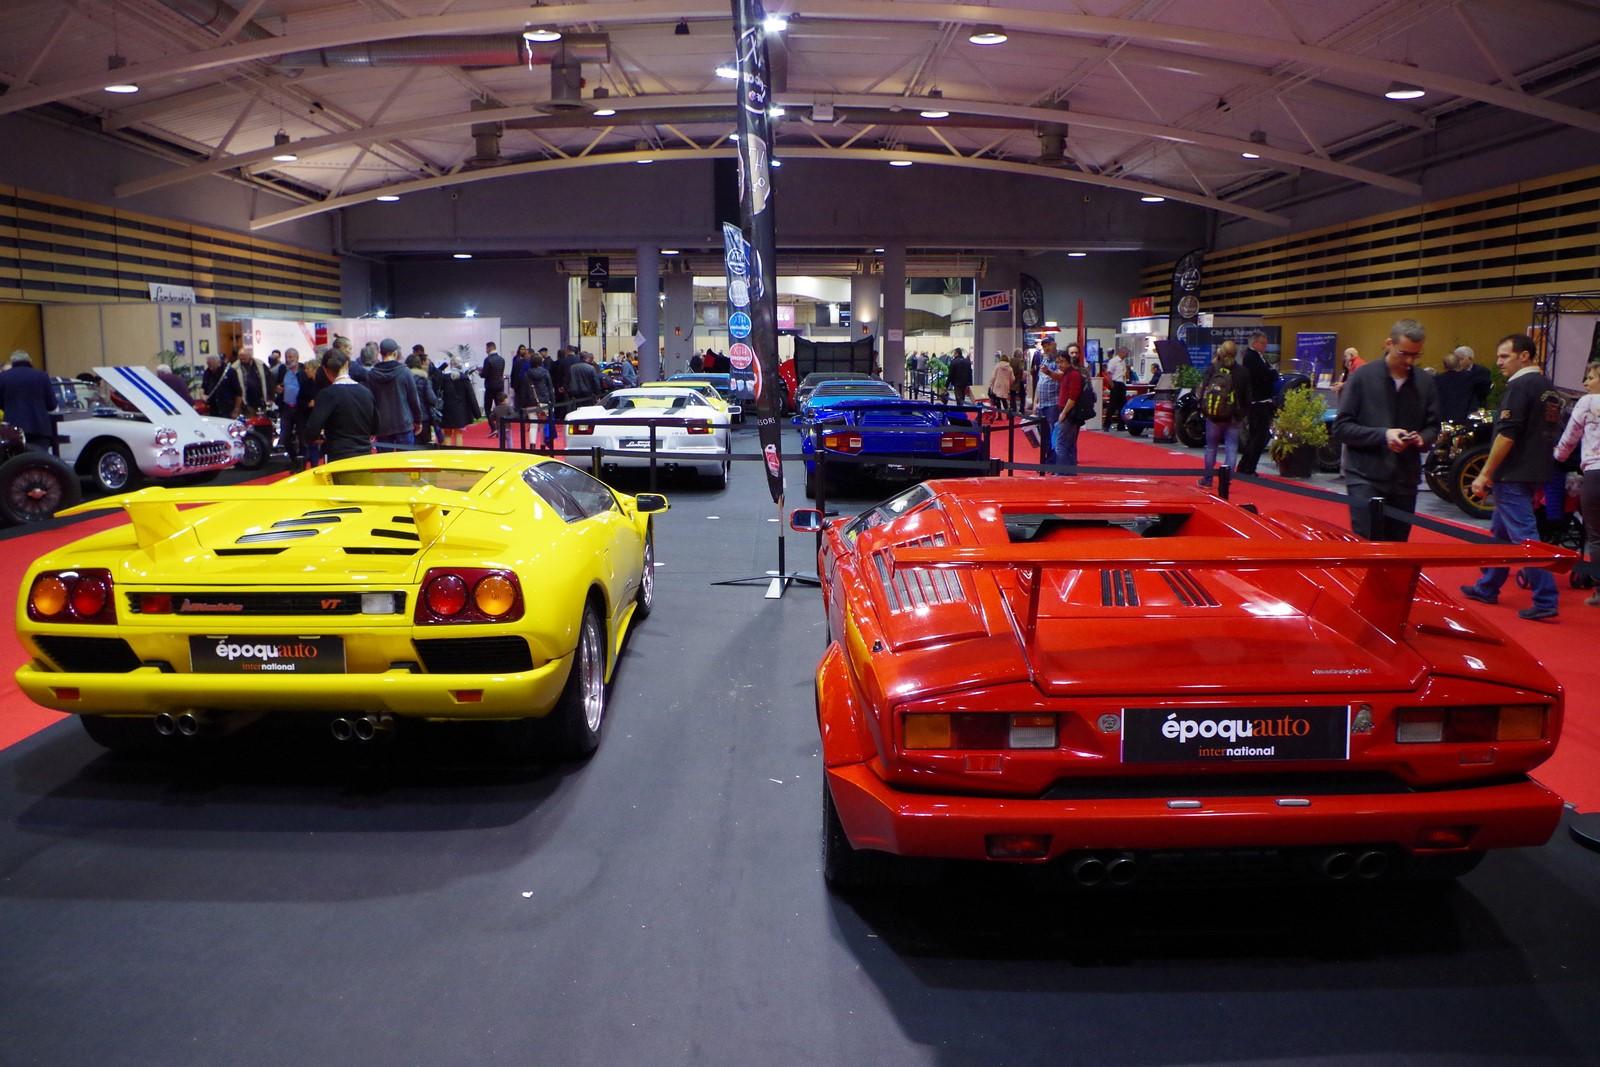 Exposition Lamborghini EpoquAuto 2018 71